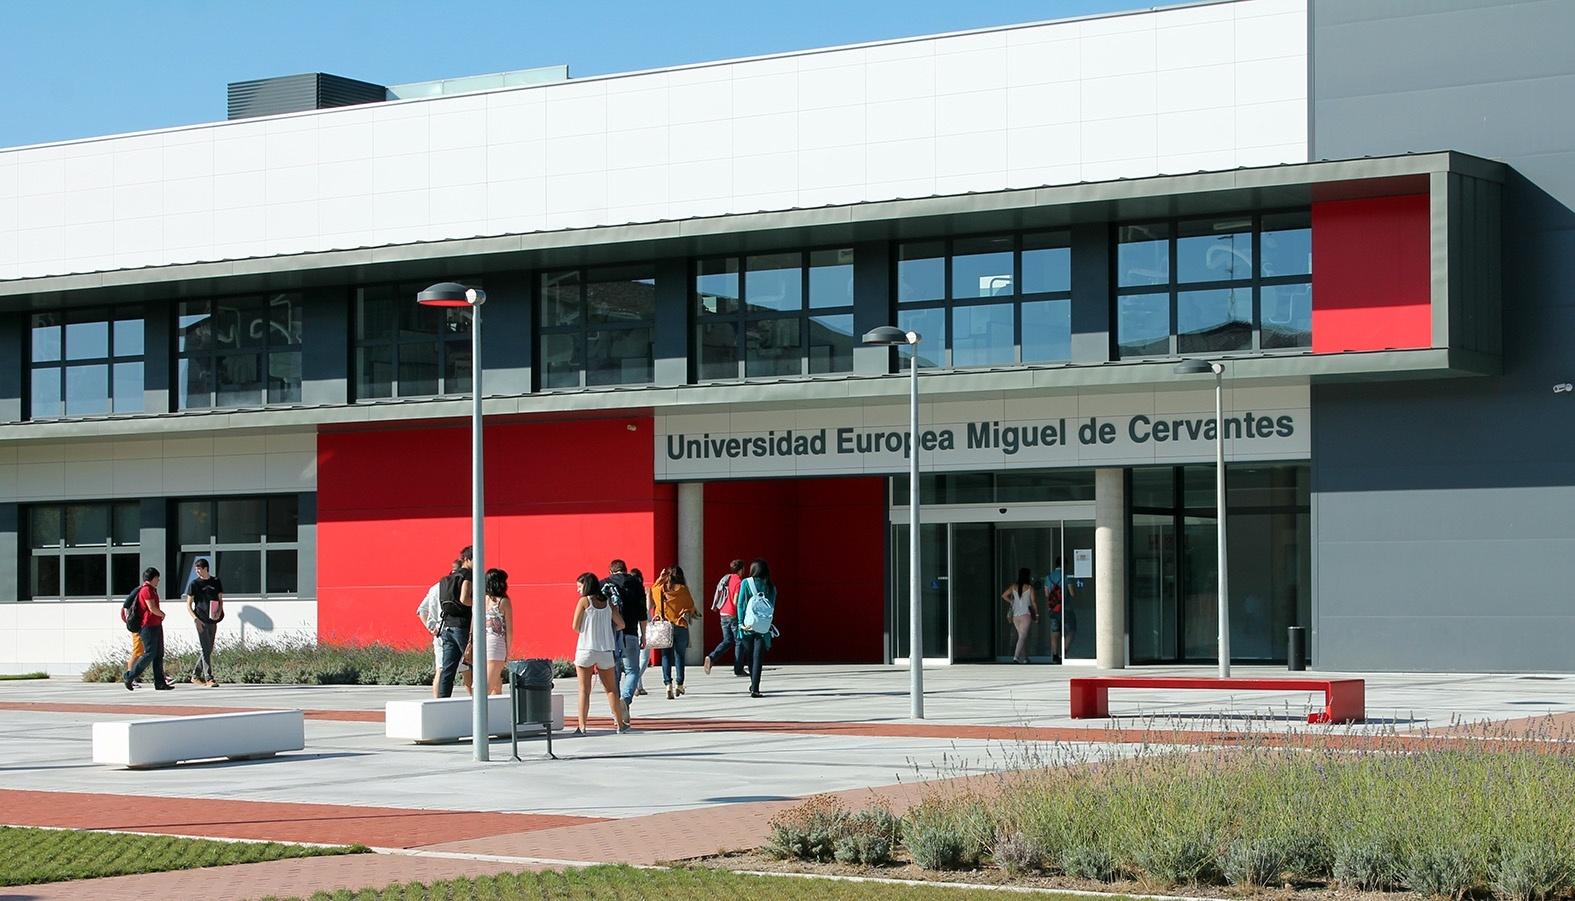 Los 1.500 alumnos de la UEMC inician sus clases en un curso en el que el número de nuevos estudiantes permanece estable